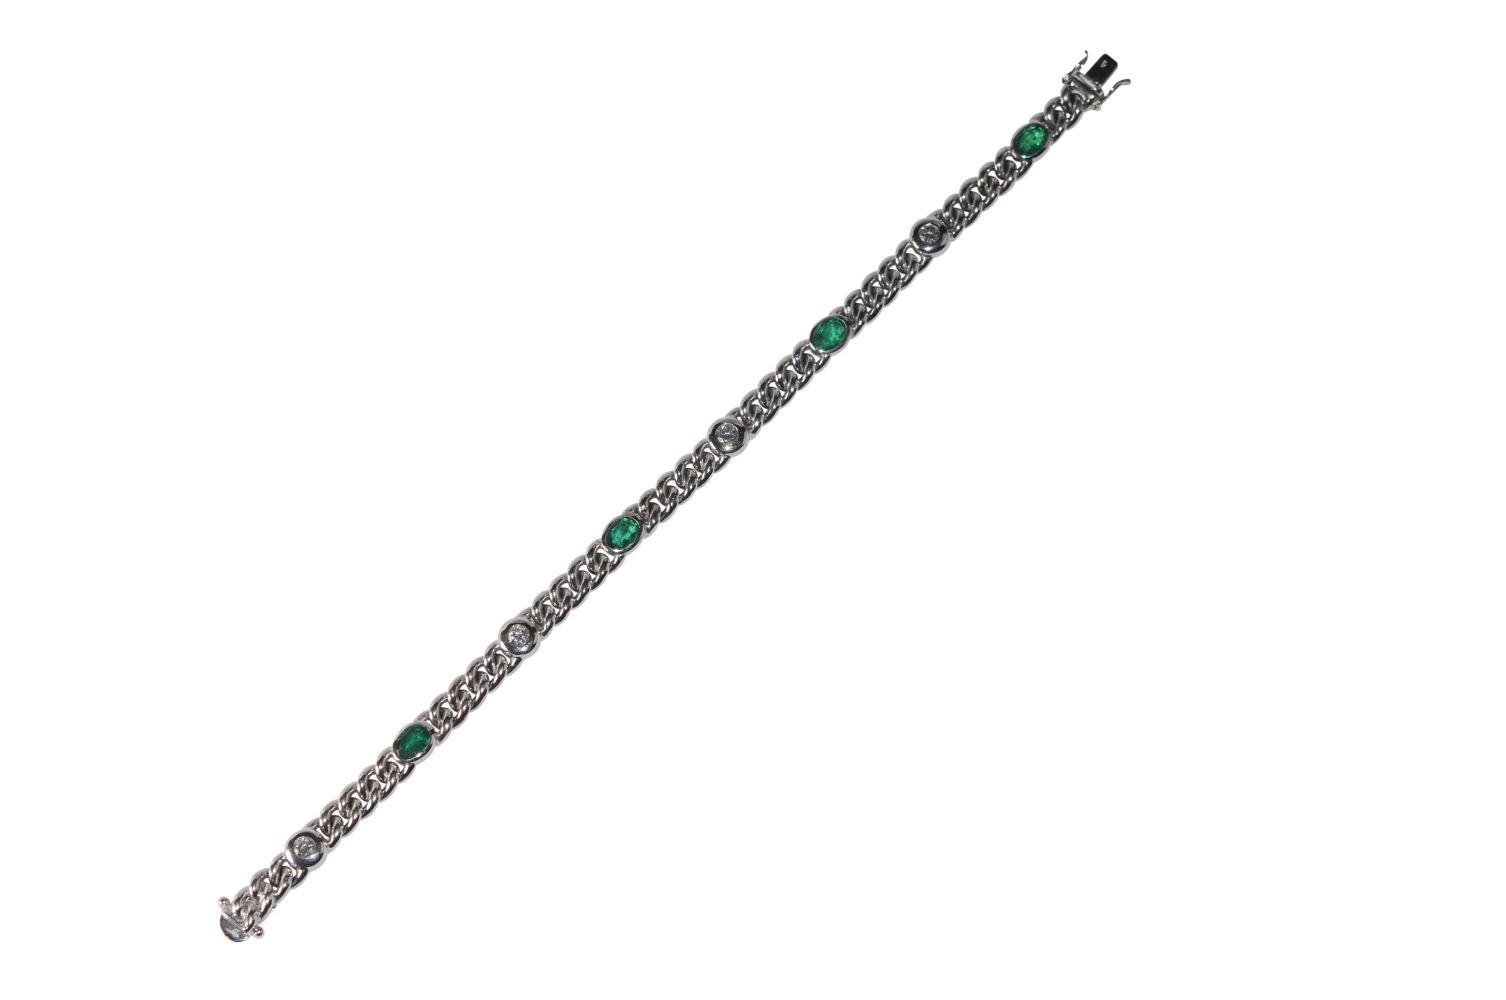 #113 Bracelet | Armband Image